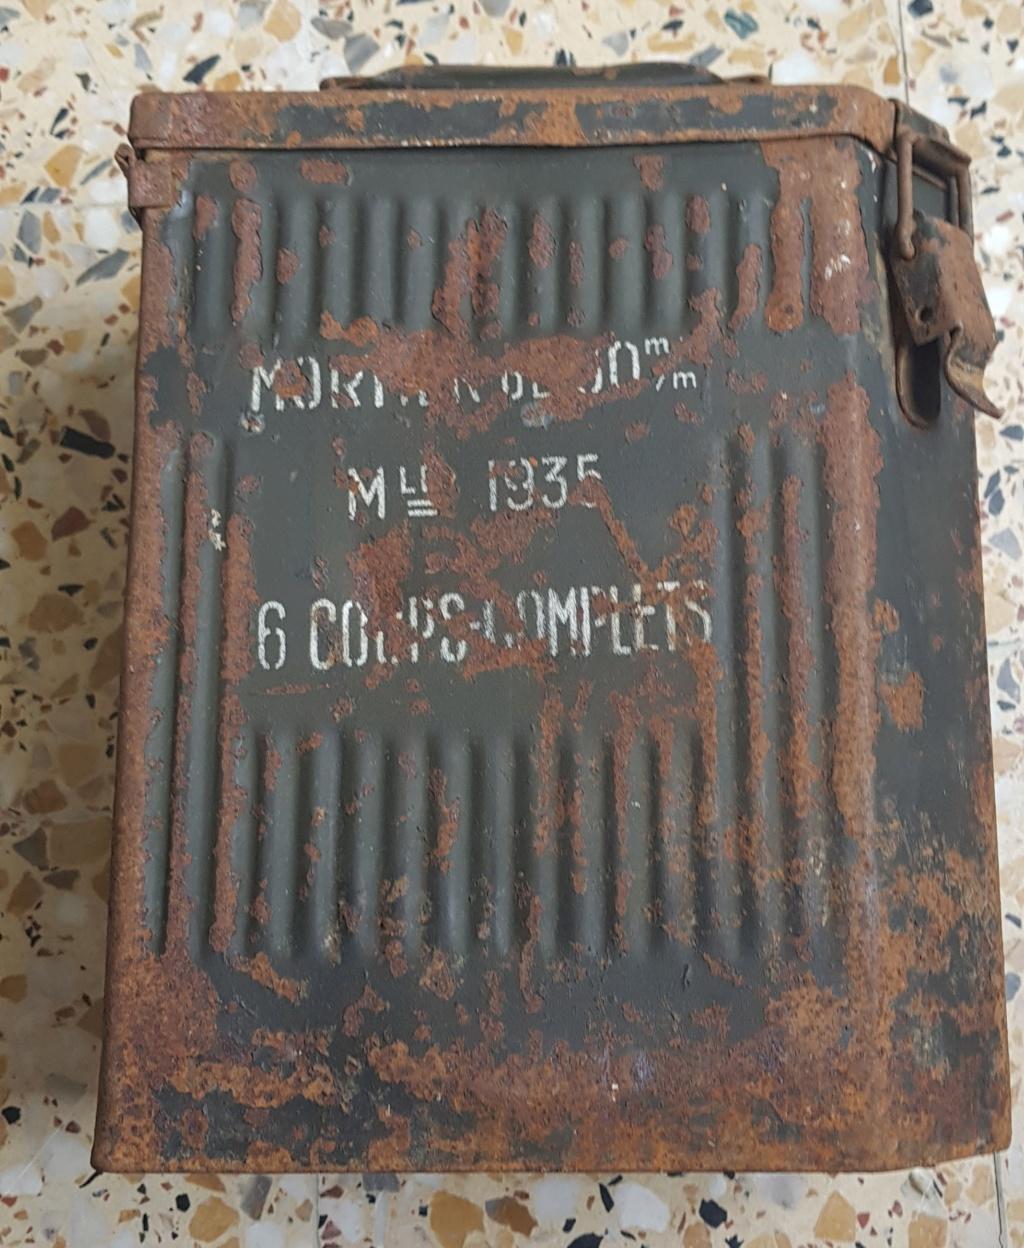 Le mortier de 60 mm modèle 1935  20190529